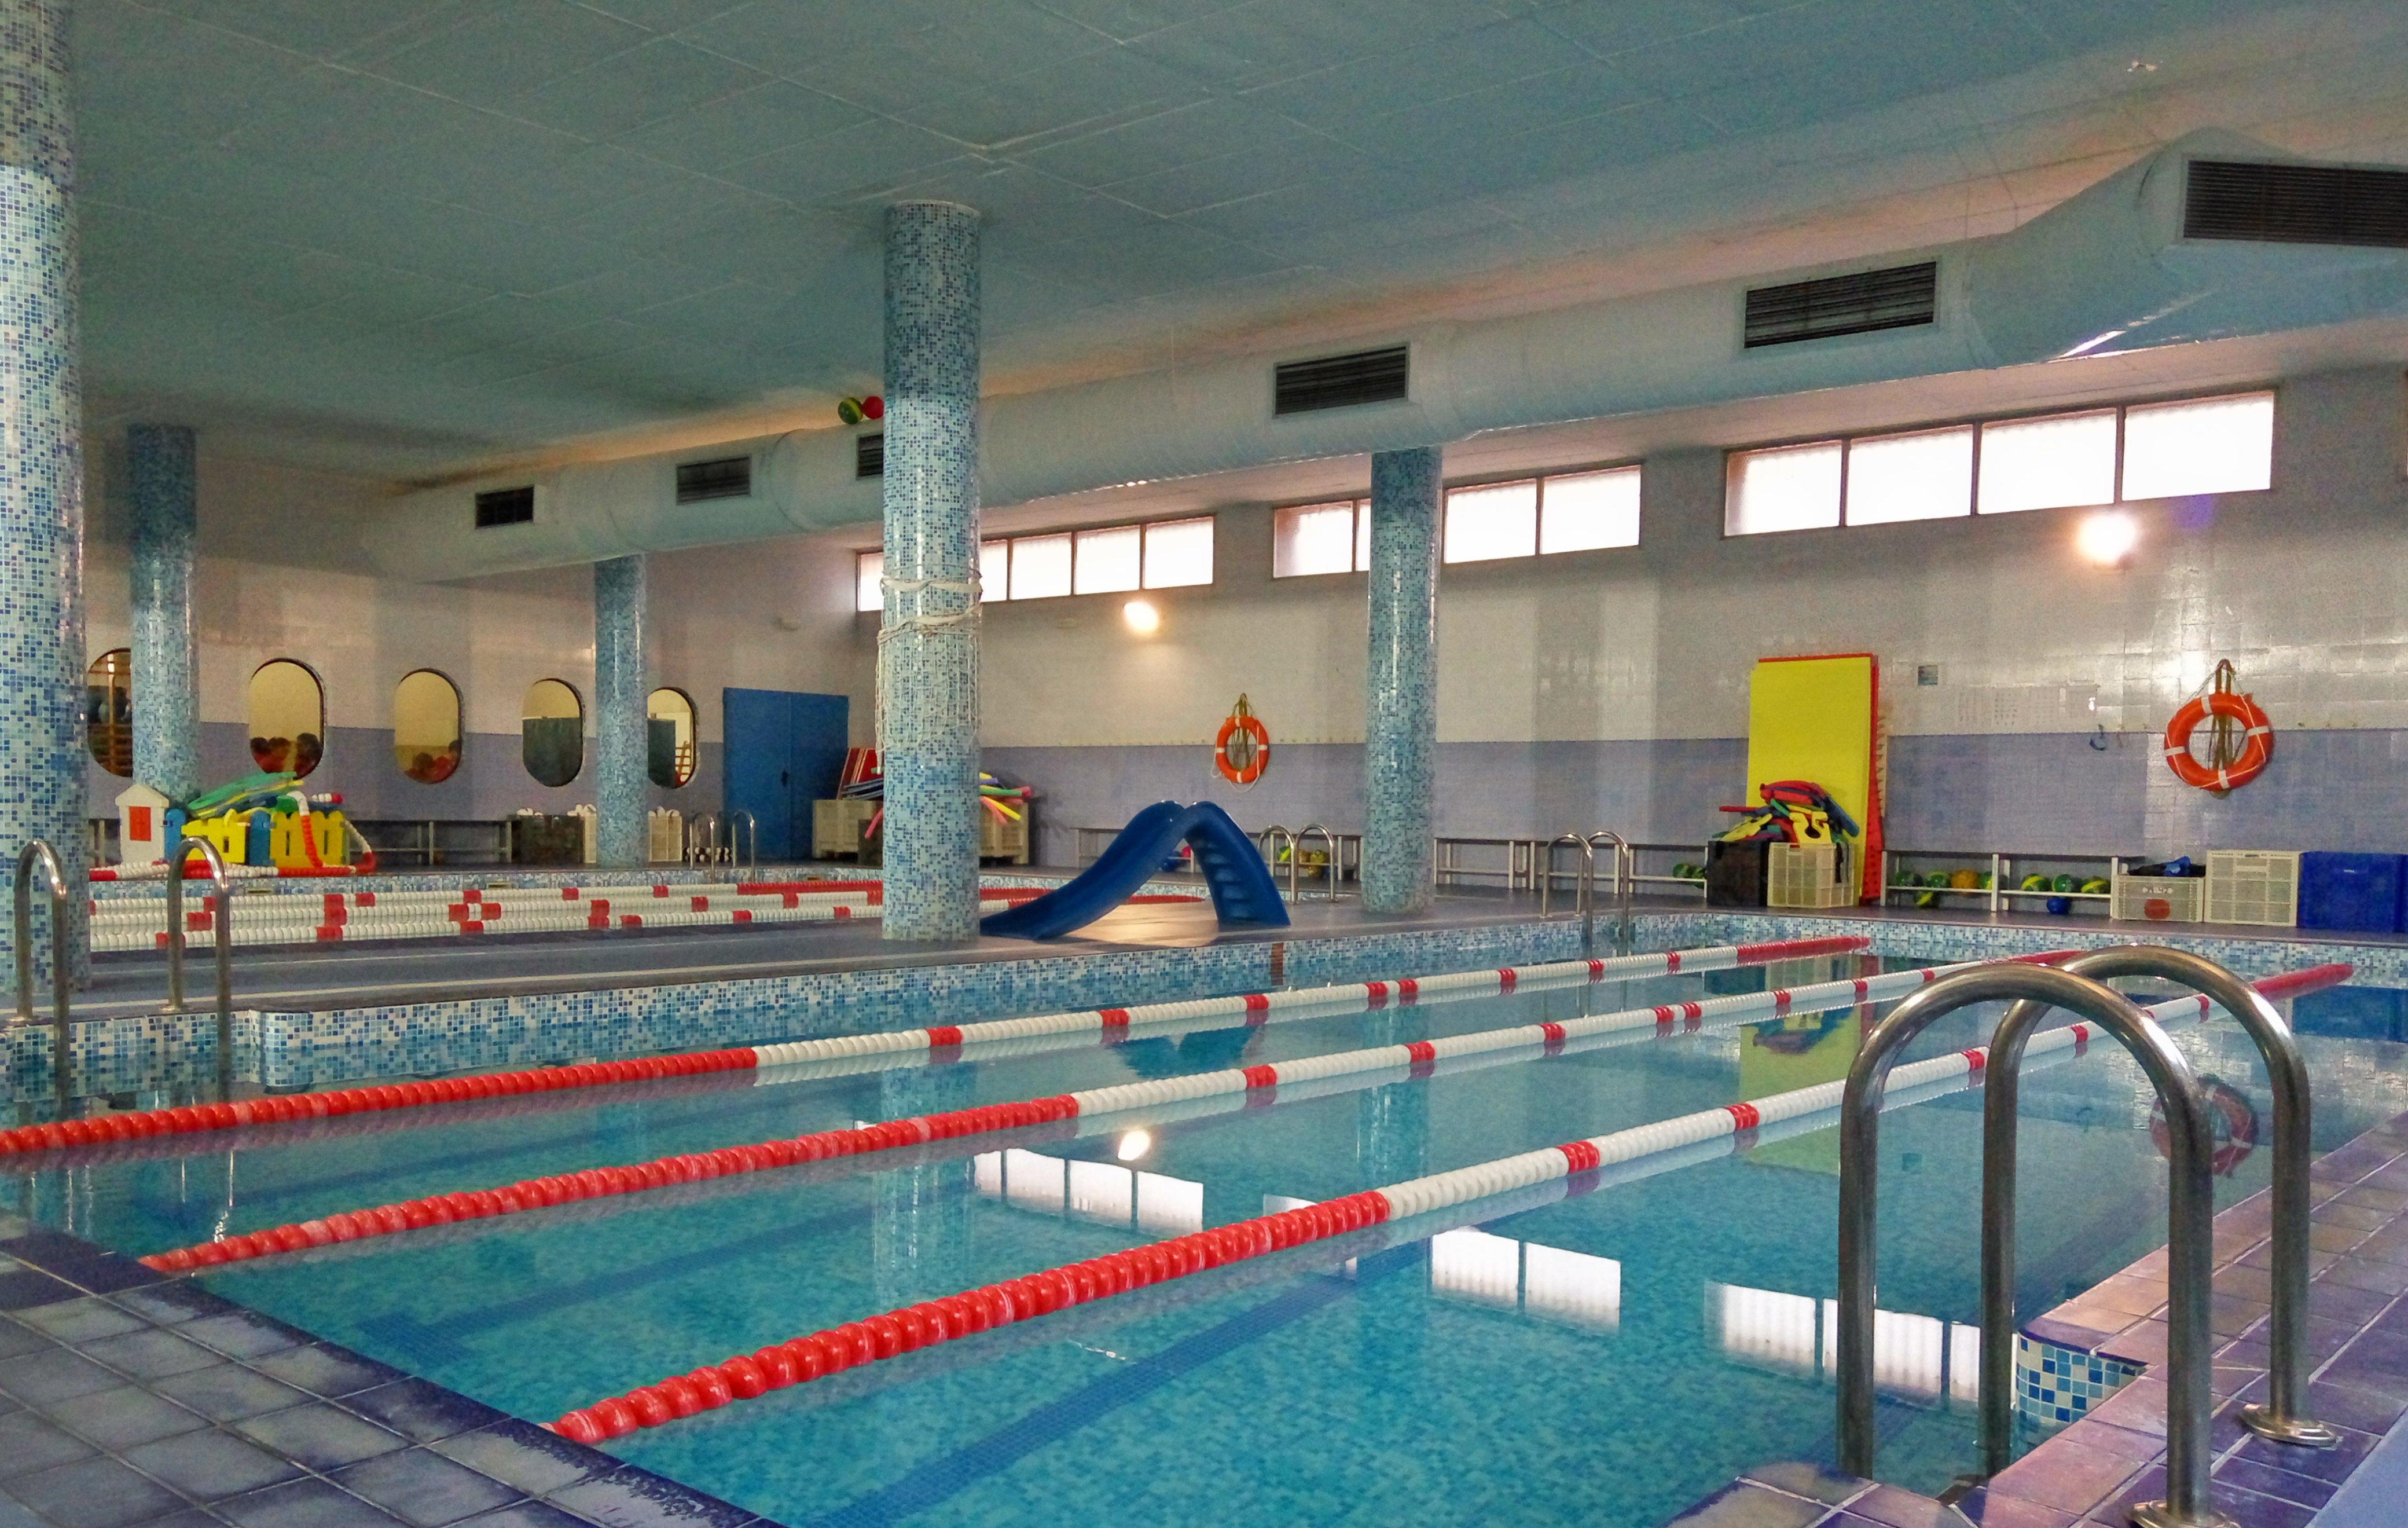 Colegio joyfe en madrid for Cubiertas para piscinas madrid